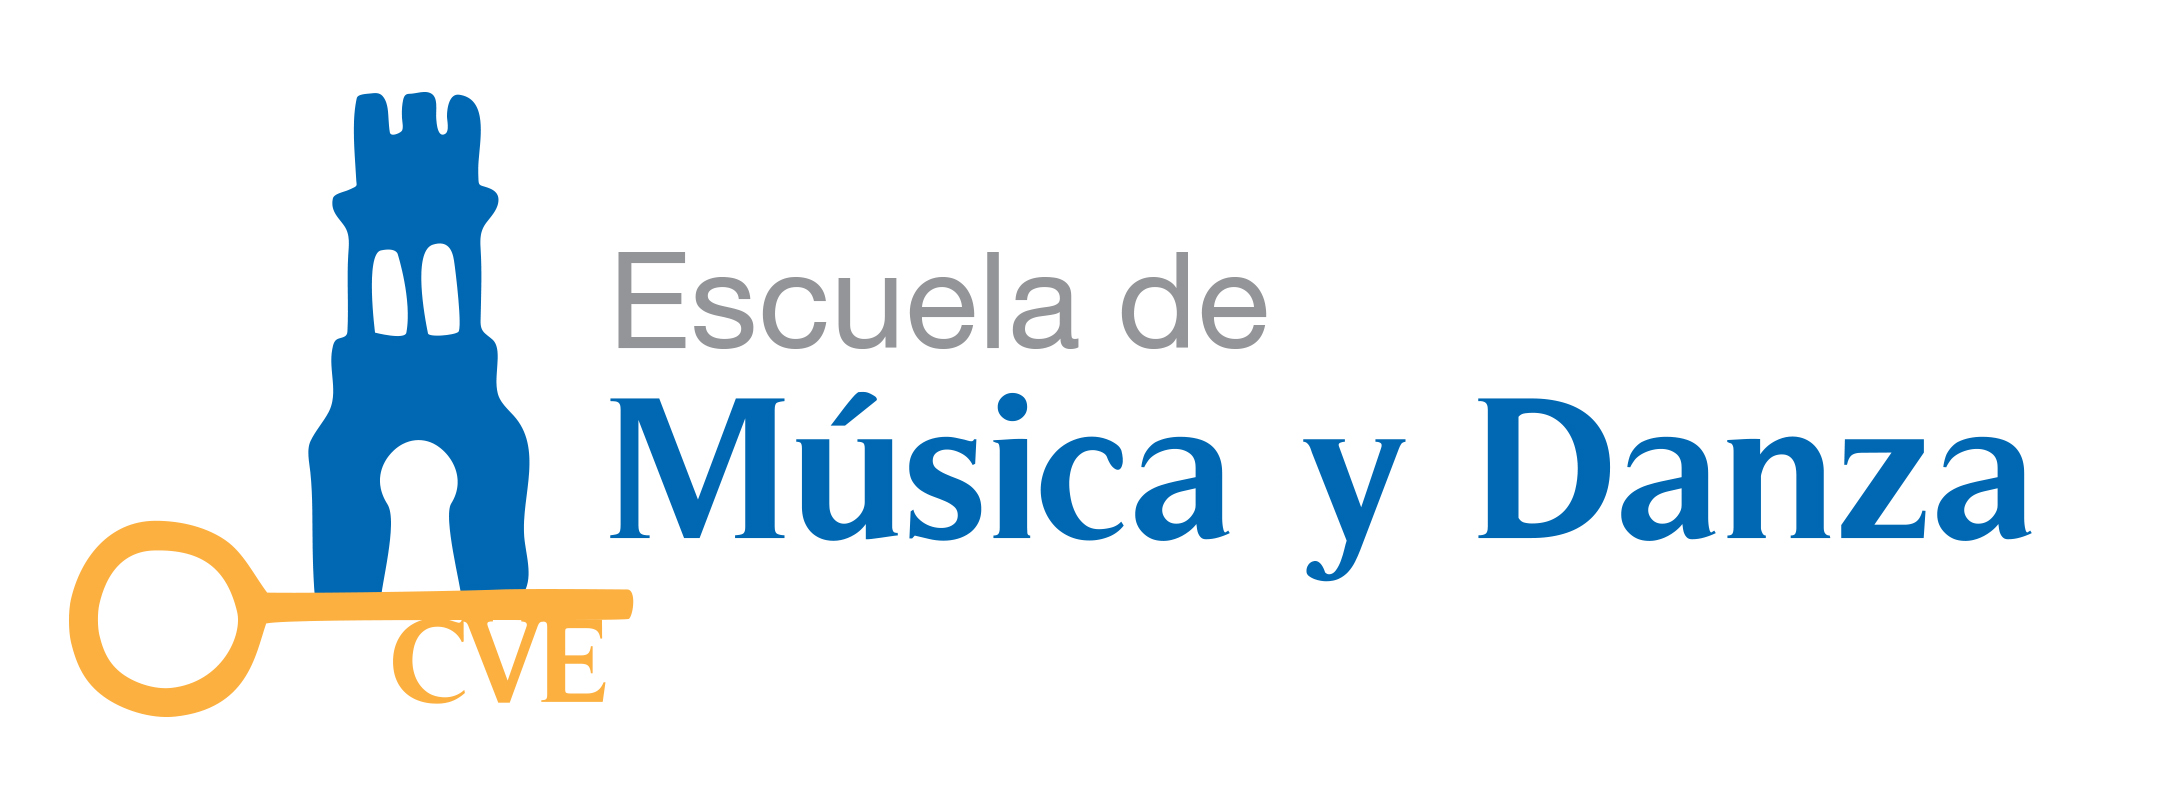 Escuela de Música y Danza